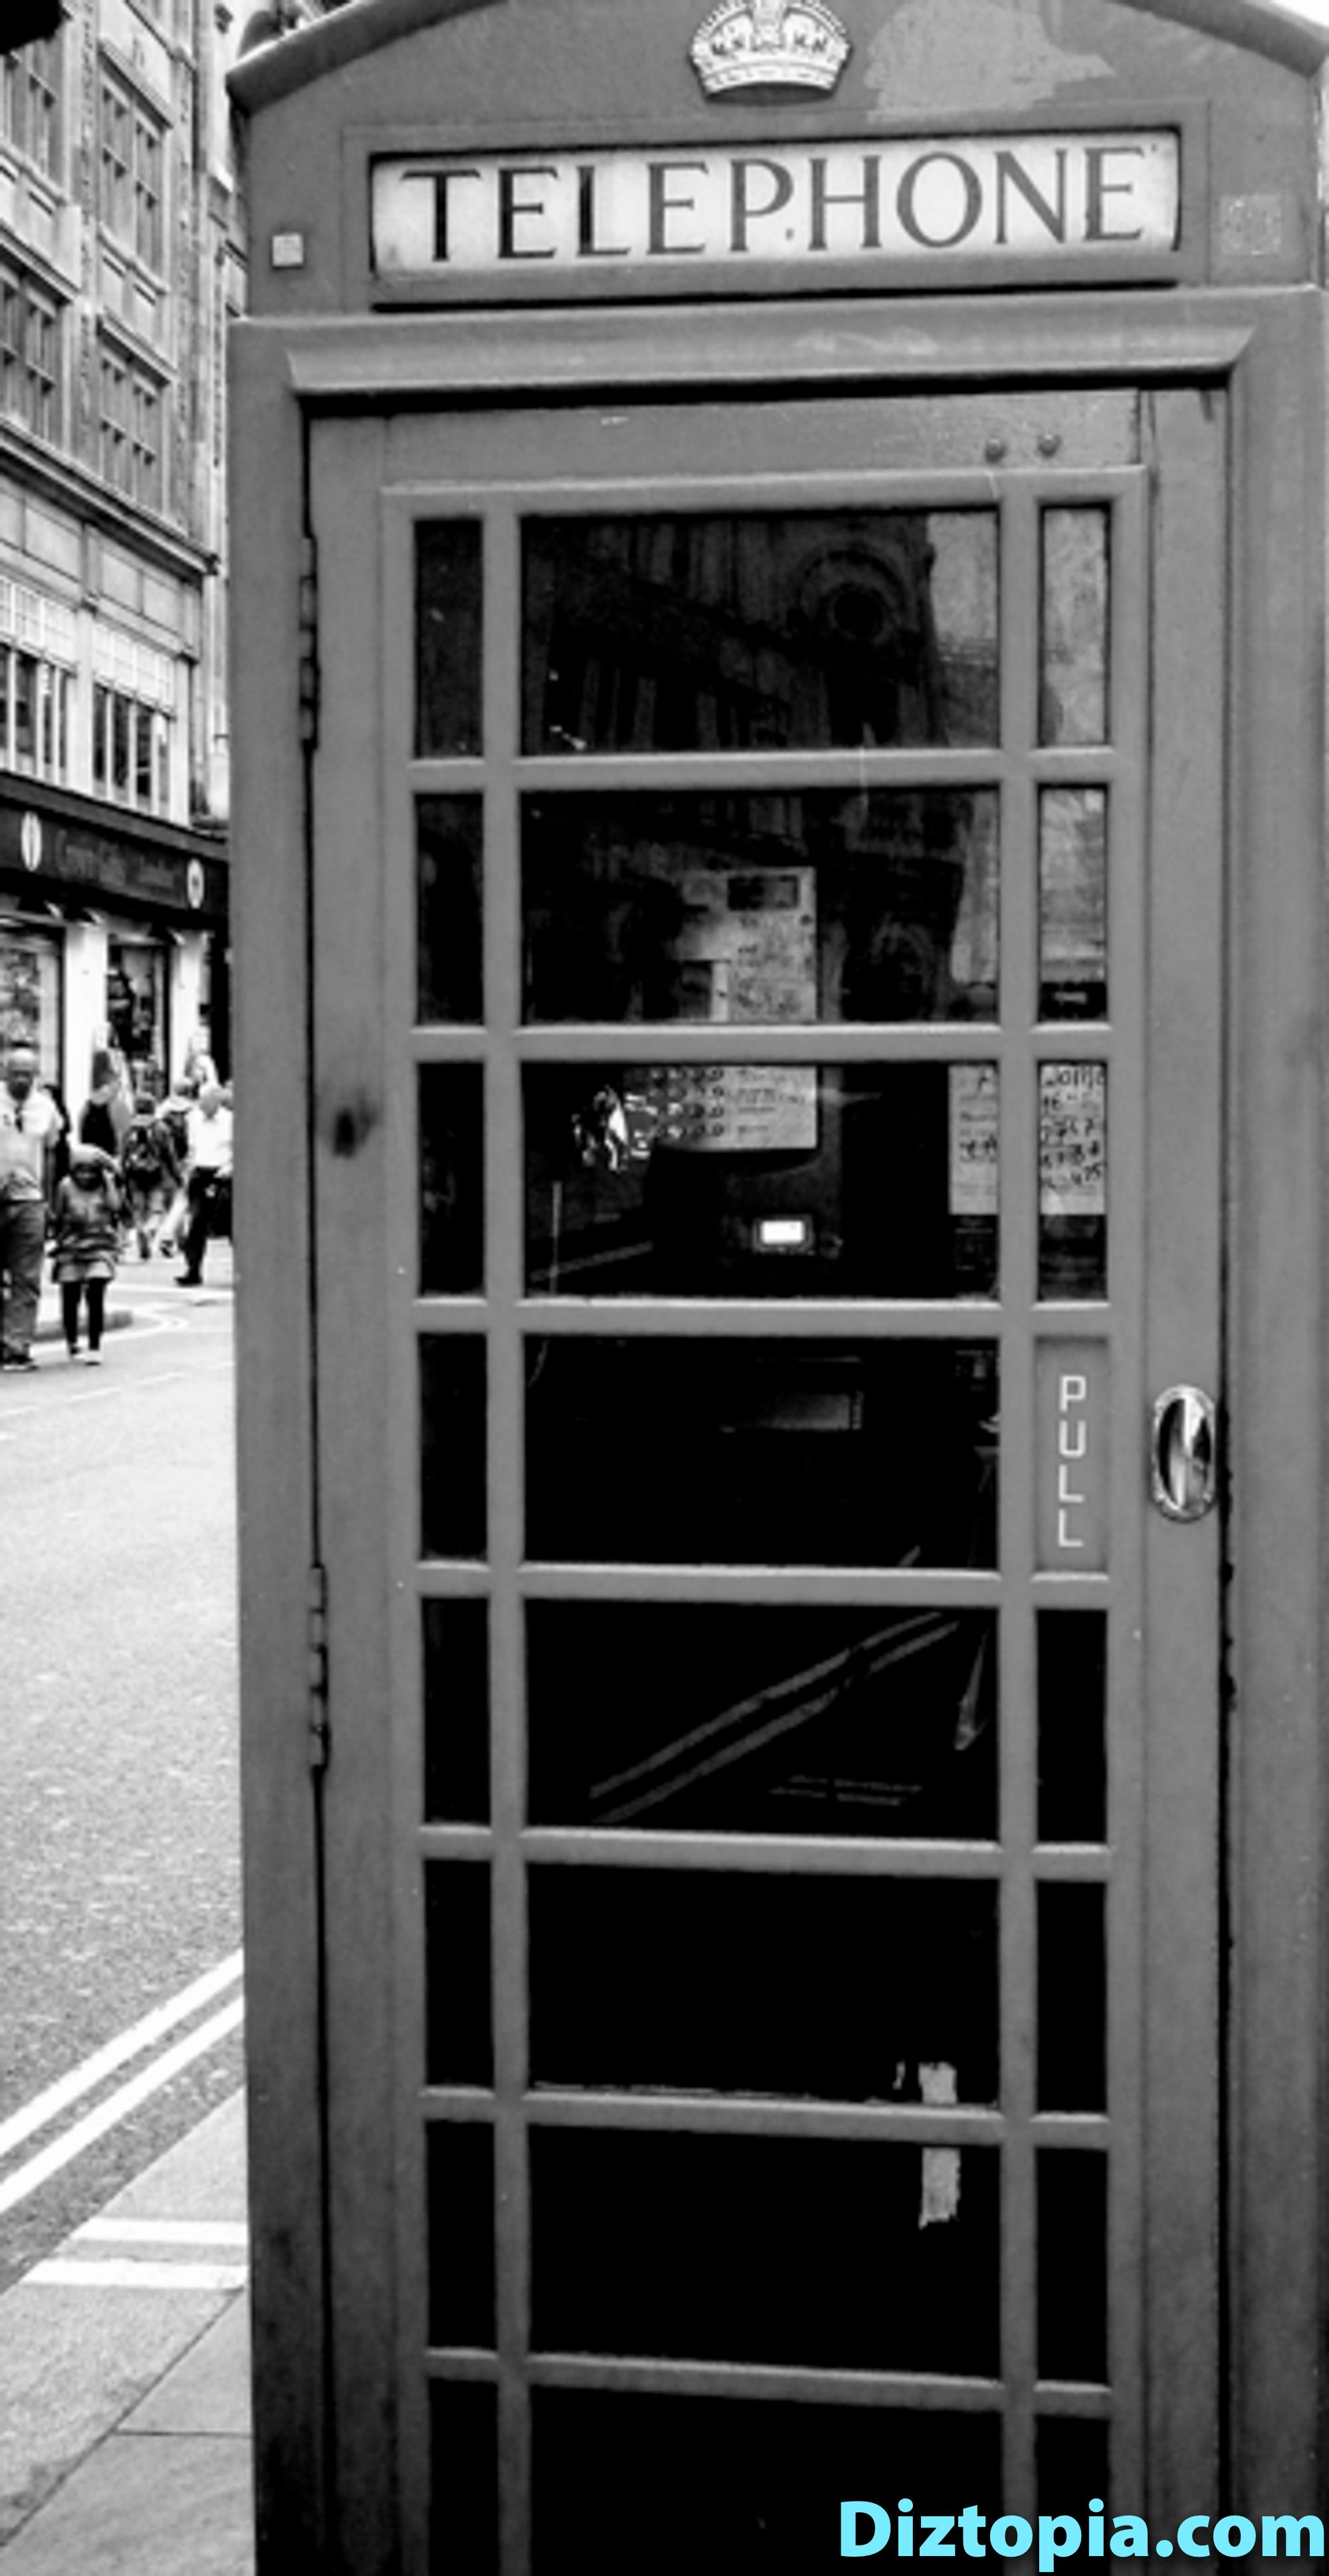 diztopia-com-dizma_dahl-photography-digicam-38